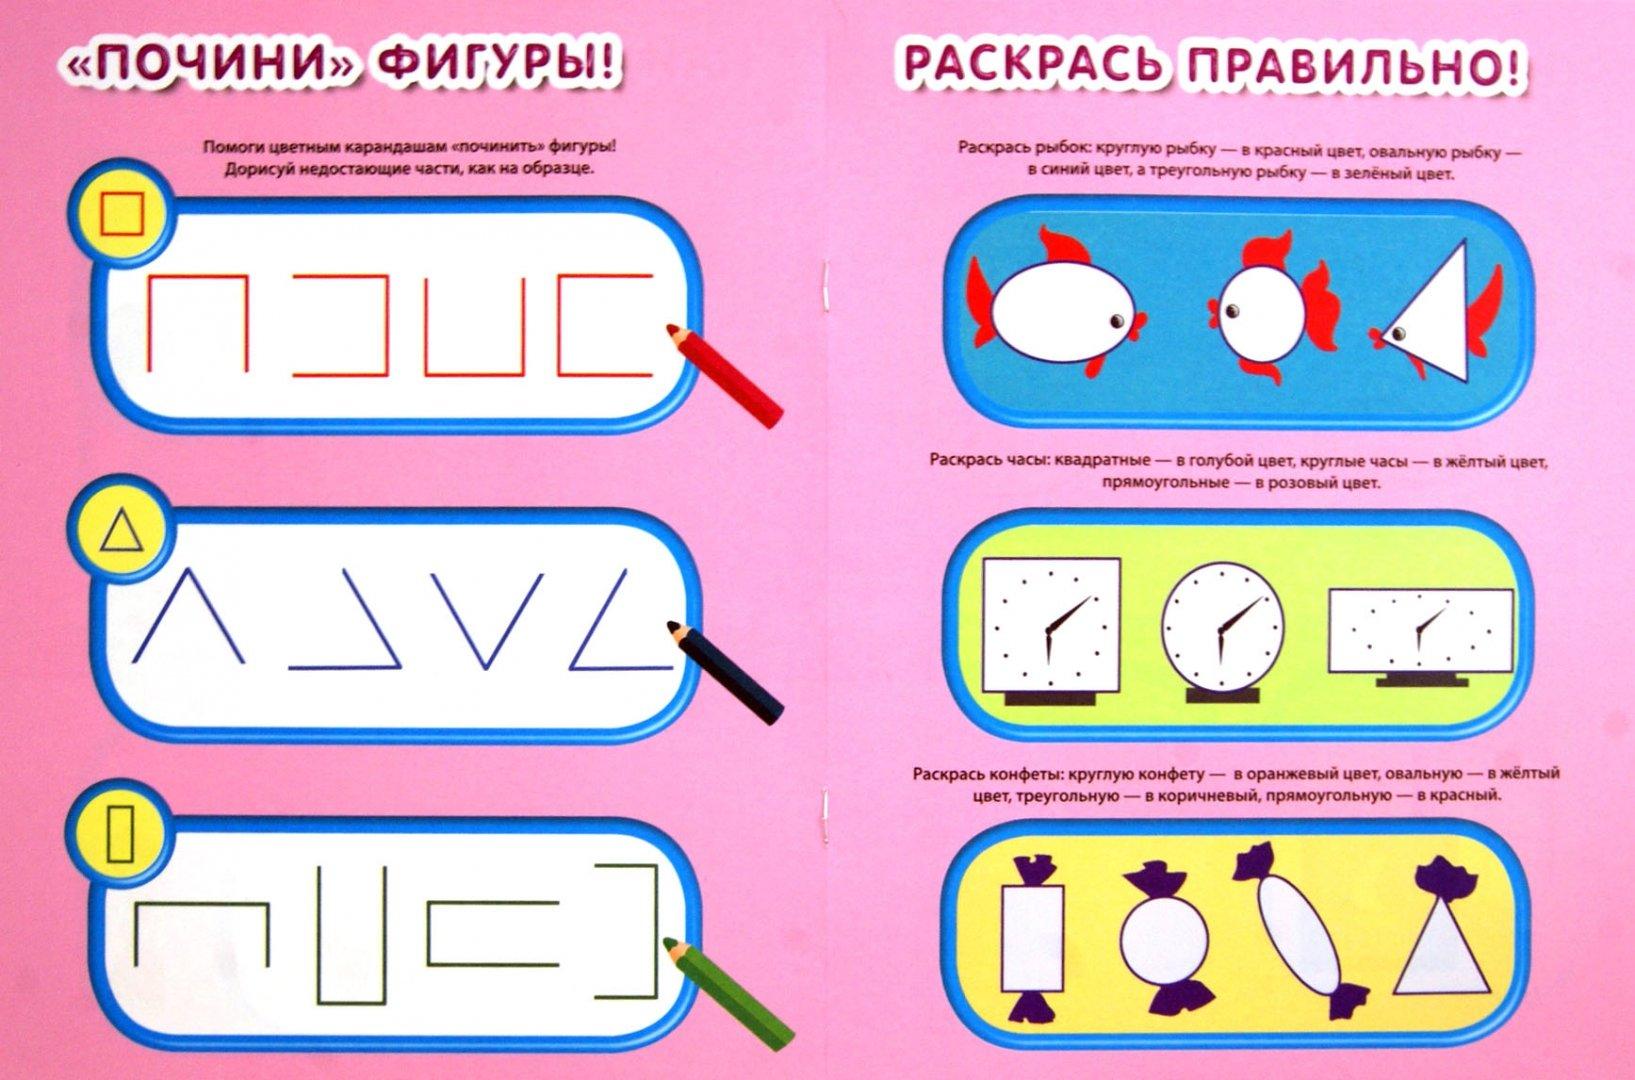 Иллюстрация 1 из 13 для Круг и квадрат. Многоразовая тетрадь - Елена Янушко | Лабиринт - книги. Источник: Лабиринт